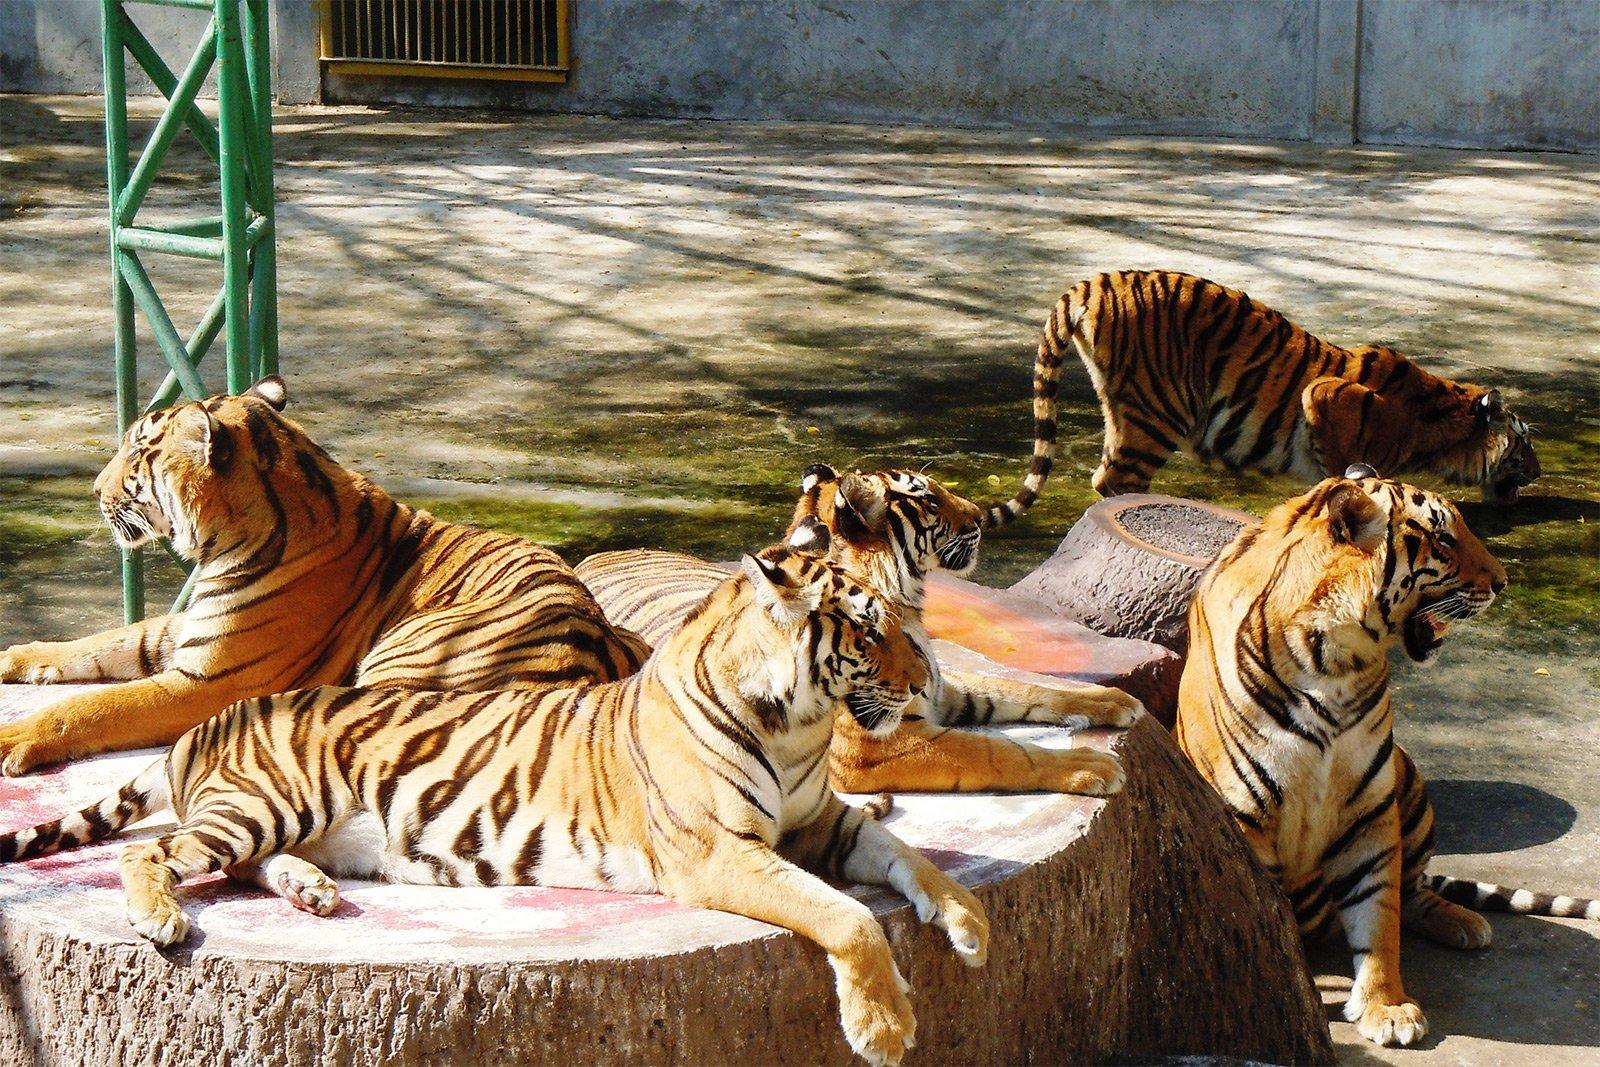 Hiện Sriracha Tiger Zoo đang sở hữu hơn 400 chú hổ Bengal